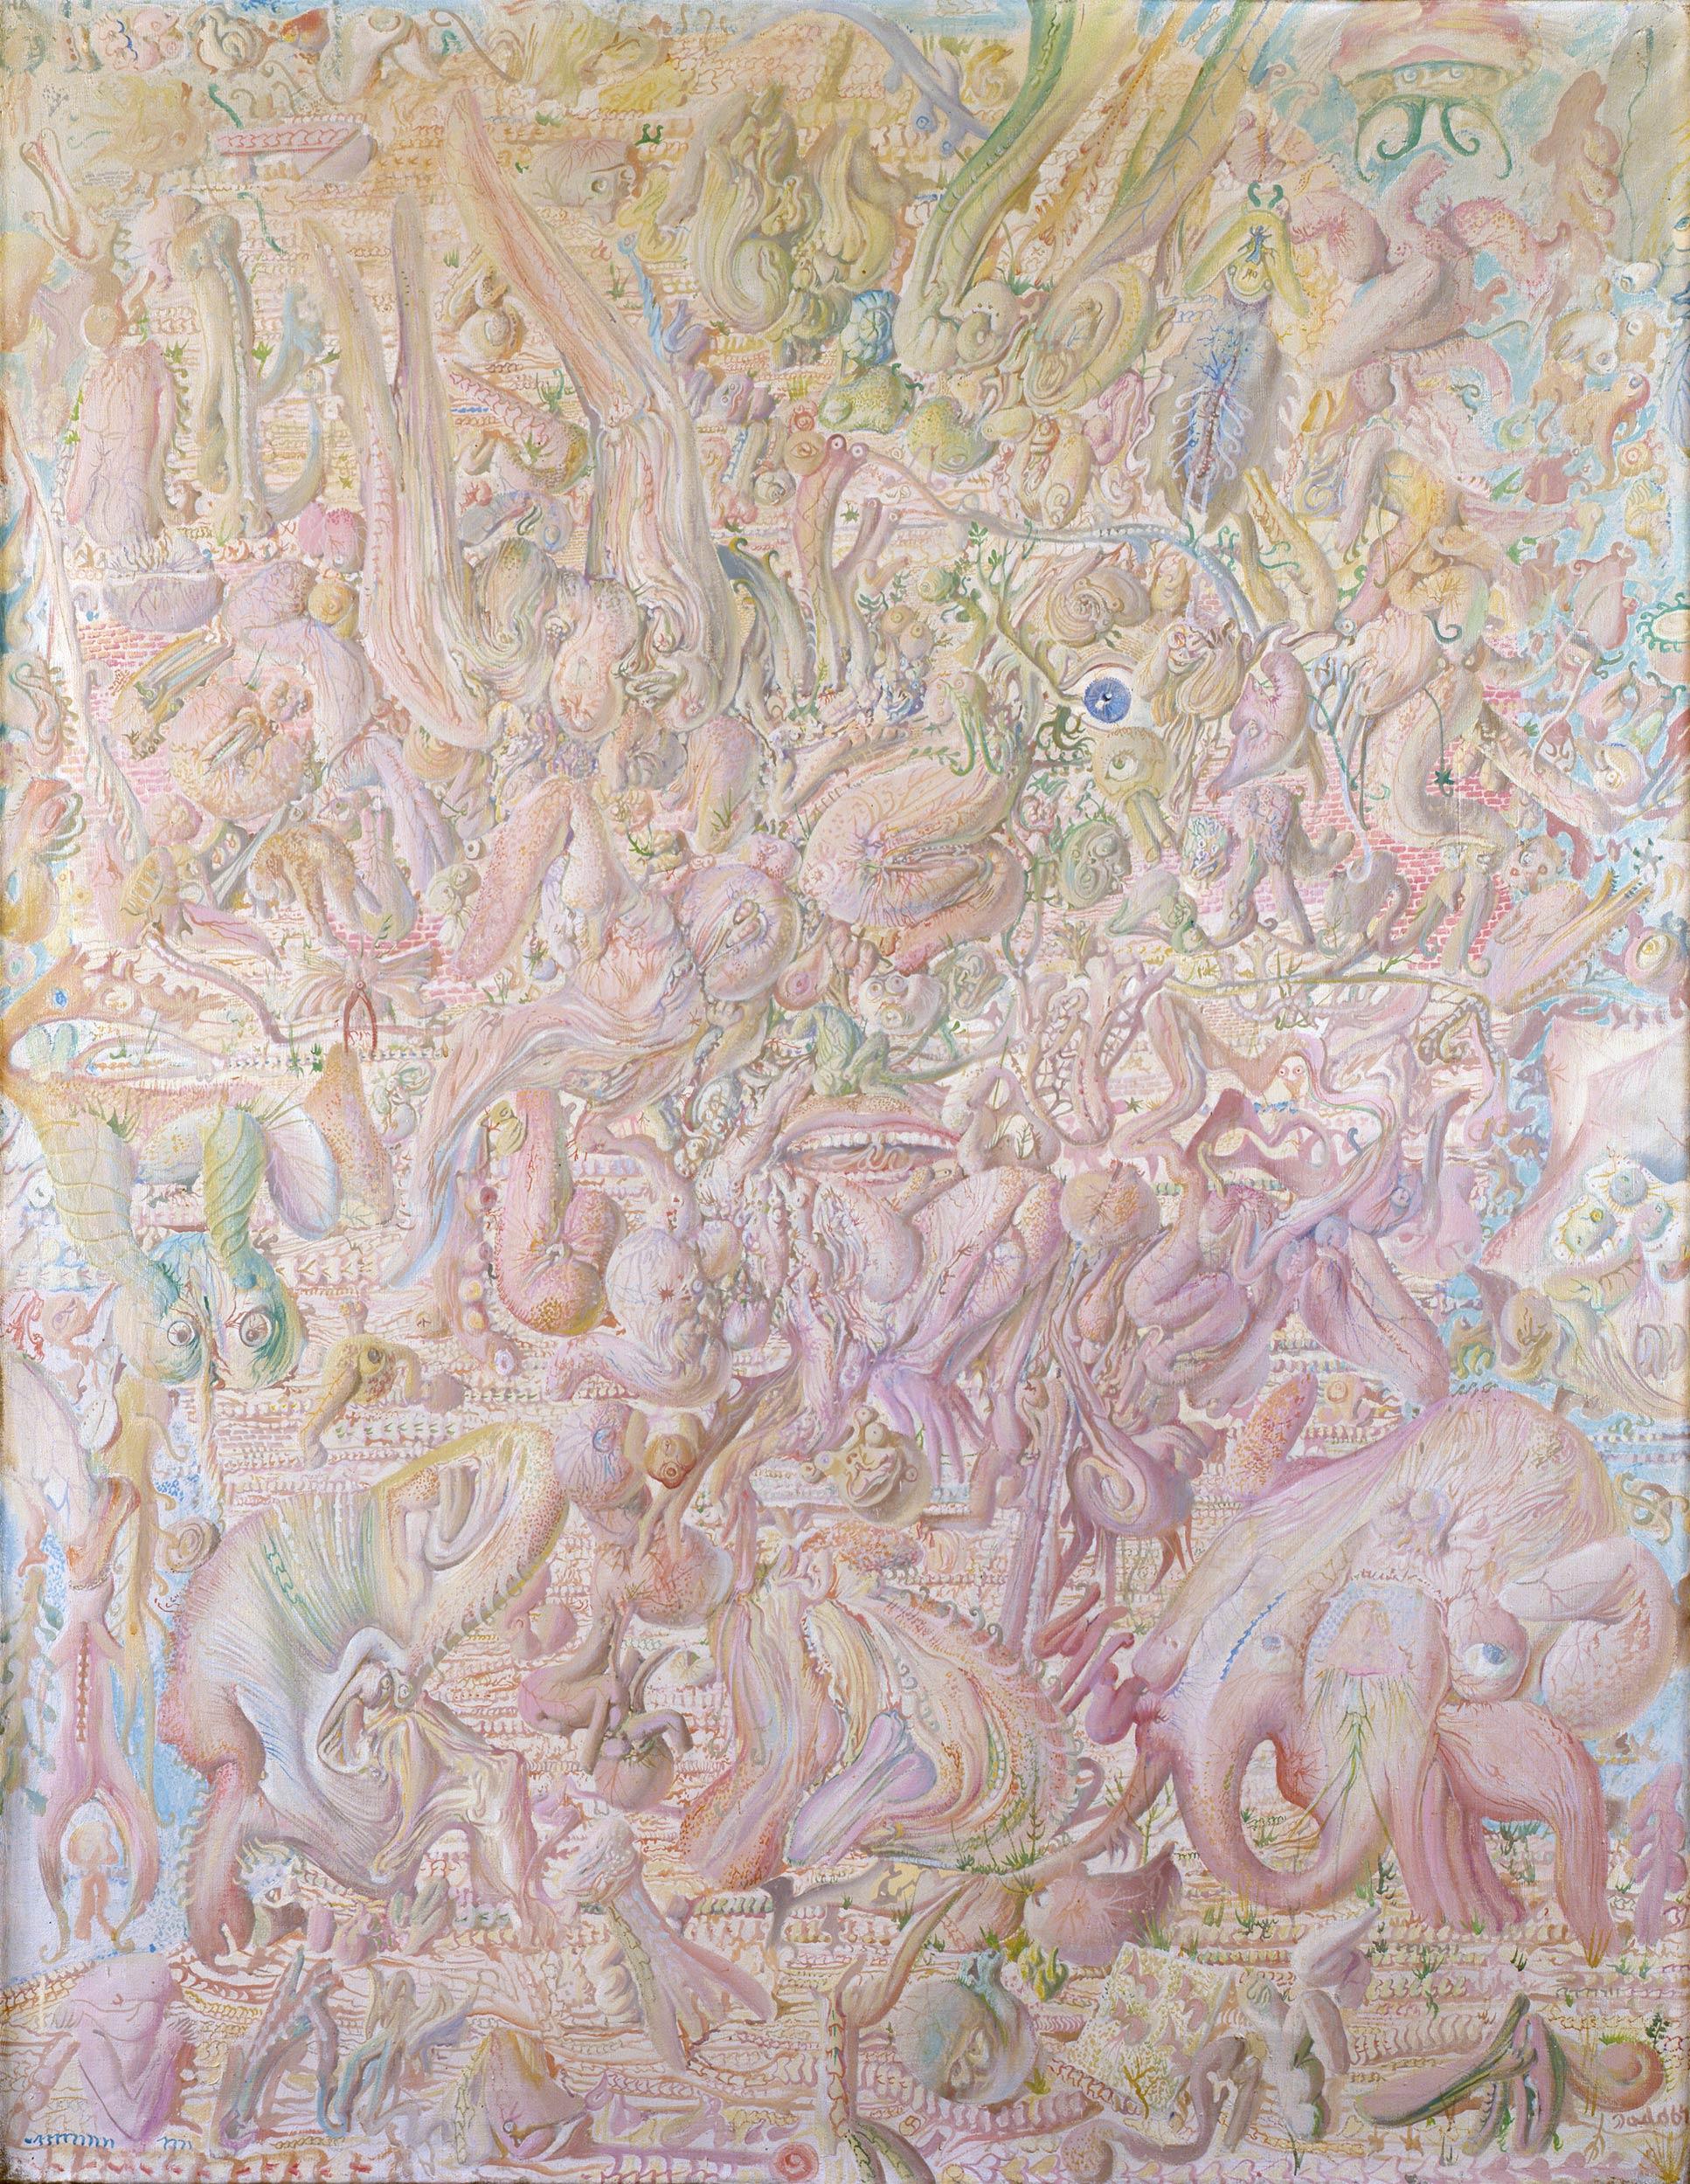 Dado: Untitled, 1964